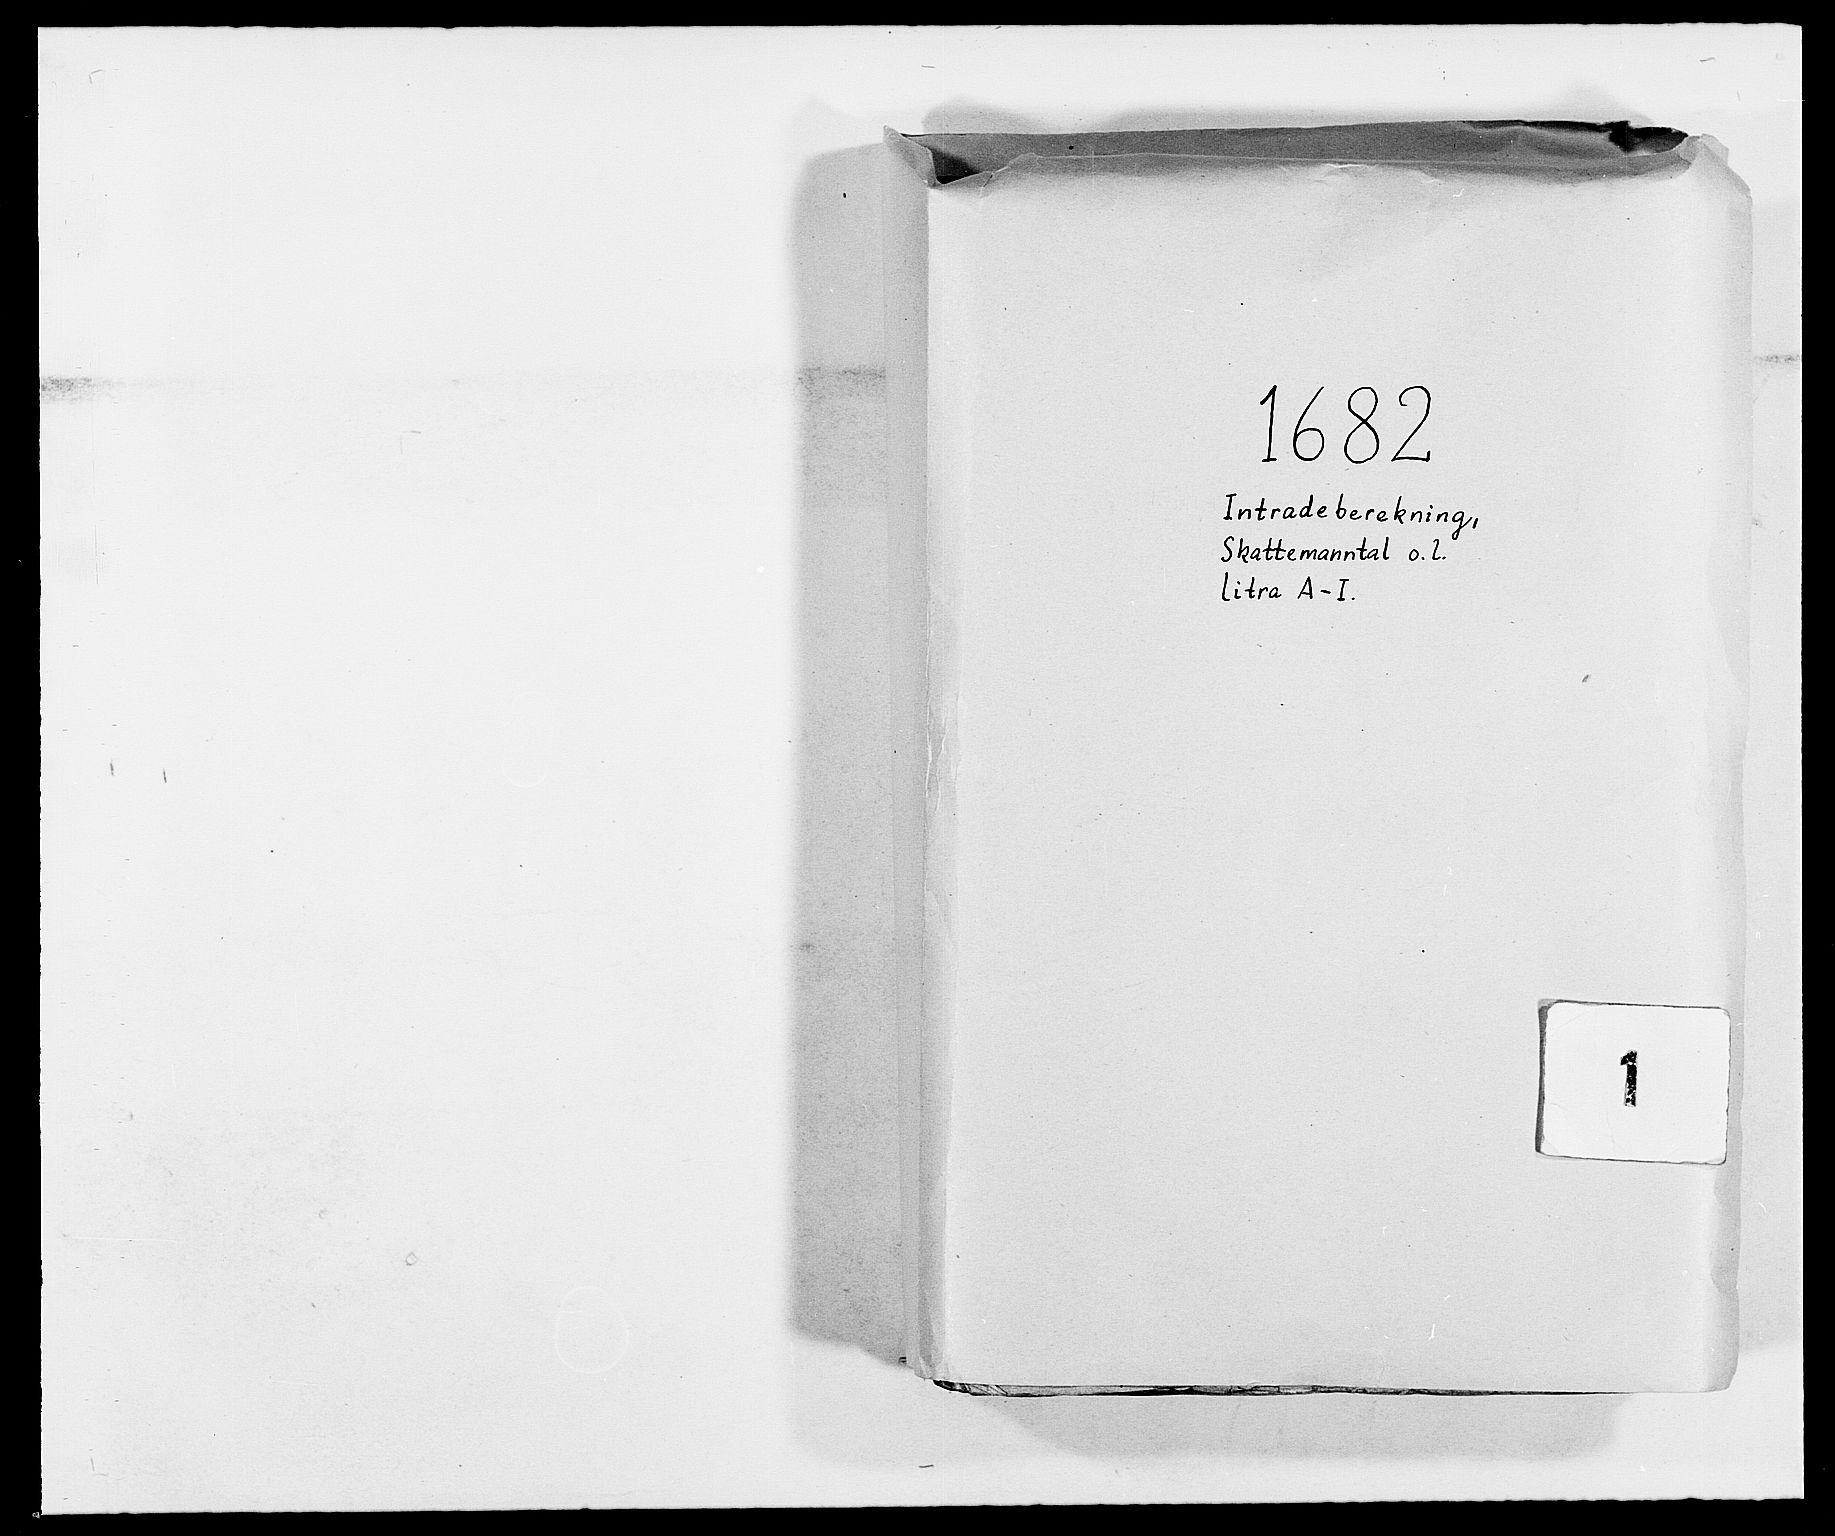 RA, Rentekammeret inntil 1814, Reviderte regnskaper, Fogderegnskap, R02/L0103: Fogderegnskap Moss og Verne kloster, 1682-1684, s. 1